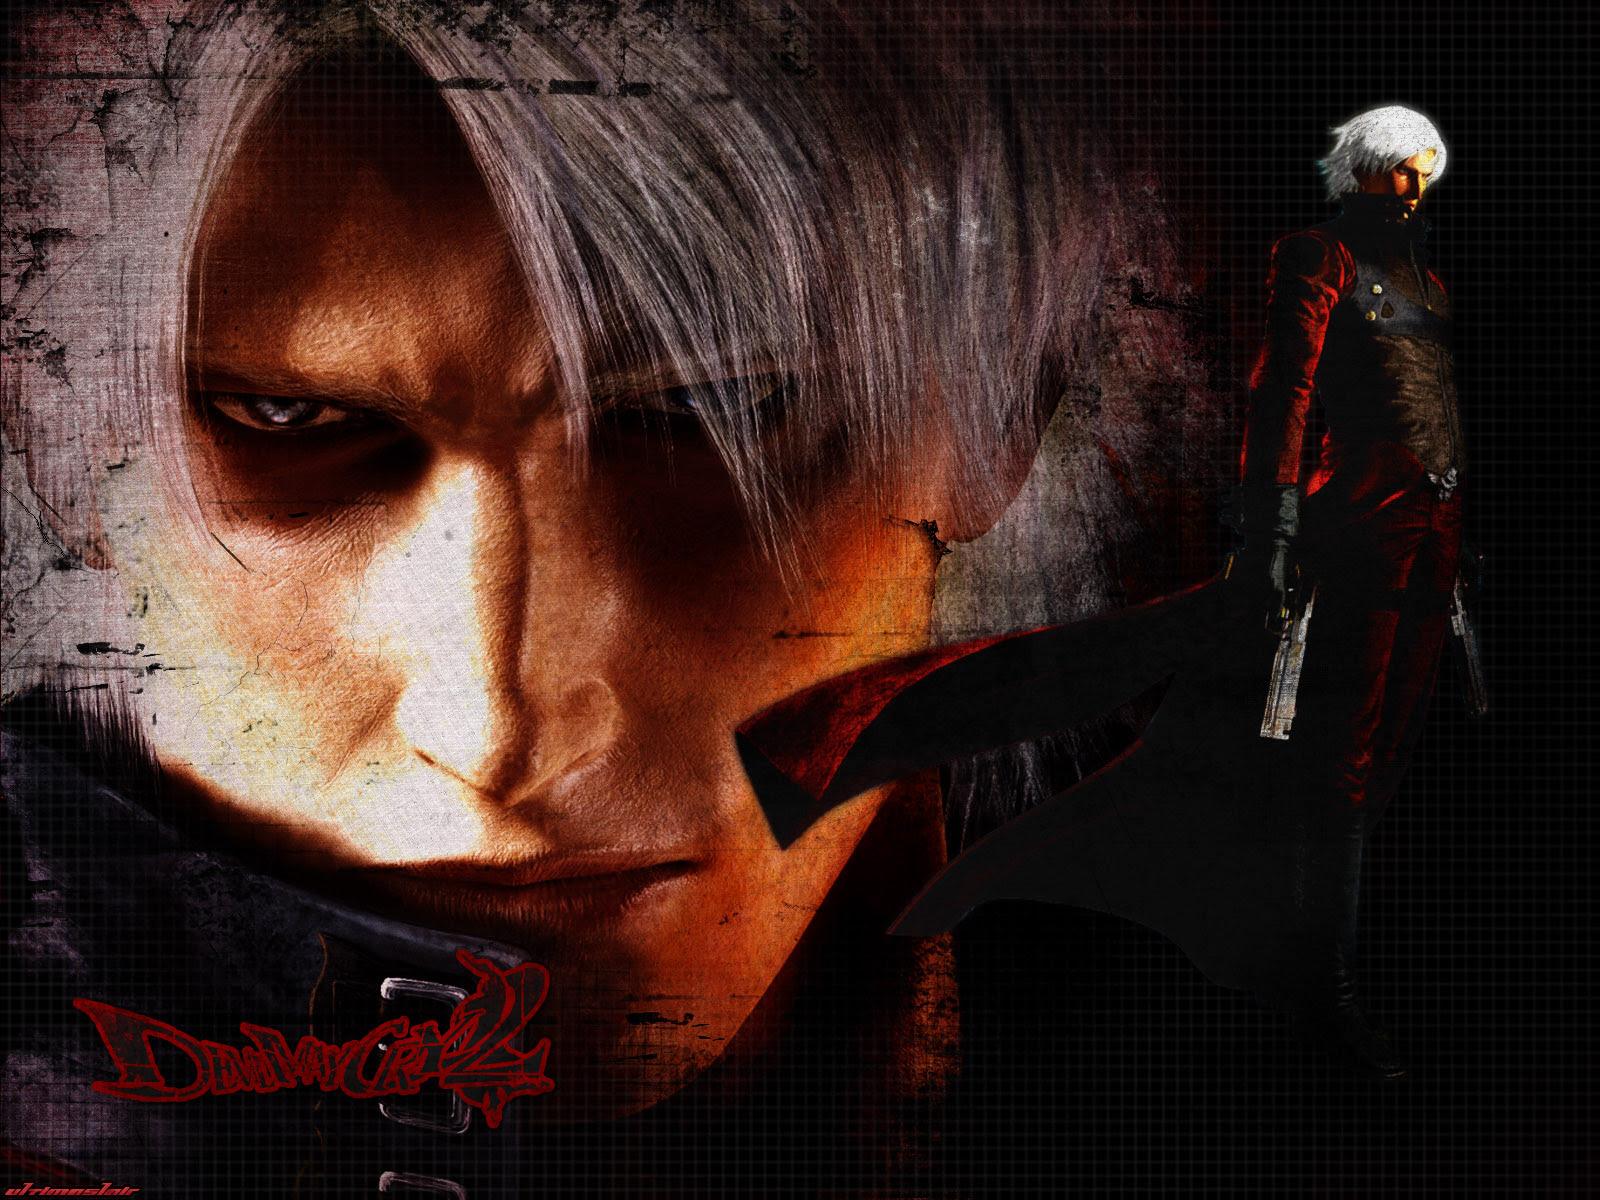 Devil May Cry Wallpaper Dante The Hunter Minitokyo